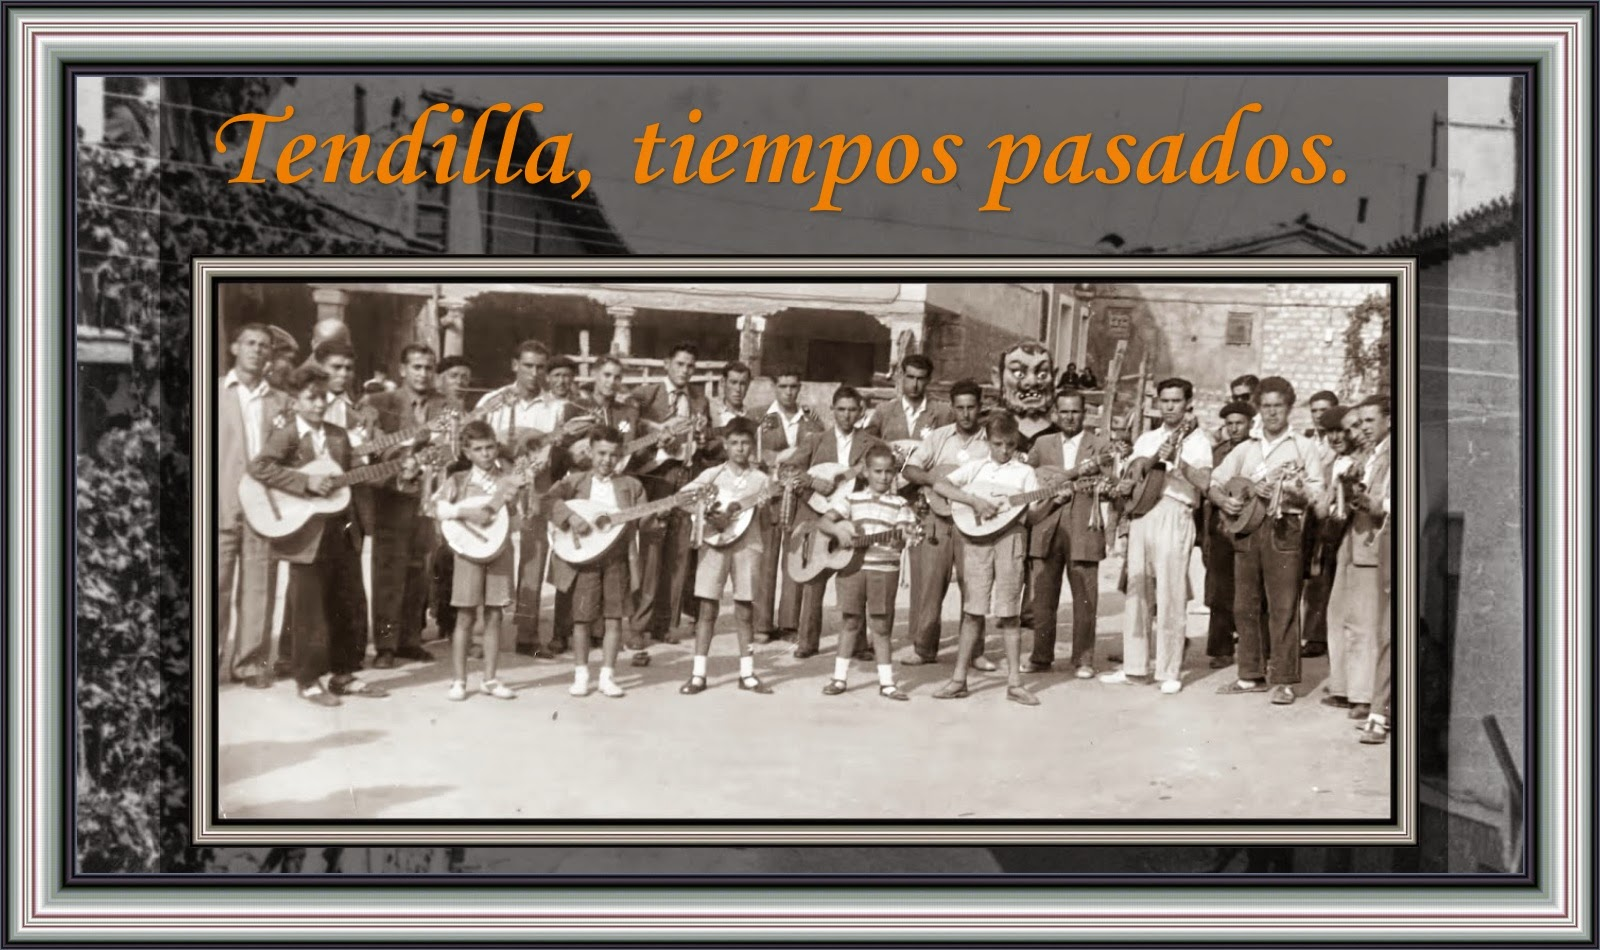 TENDILLA, TIEMPOS PASADOS